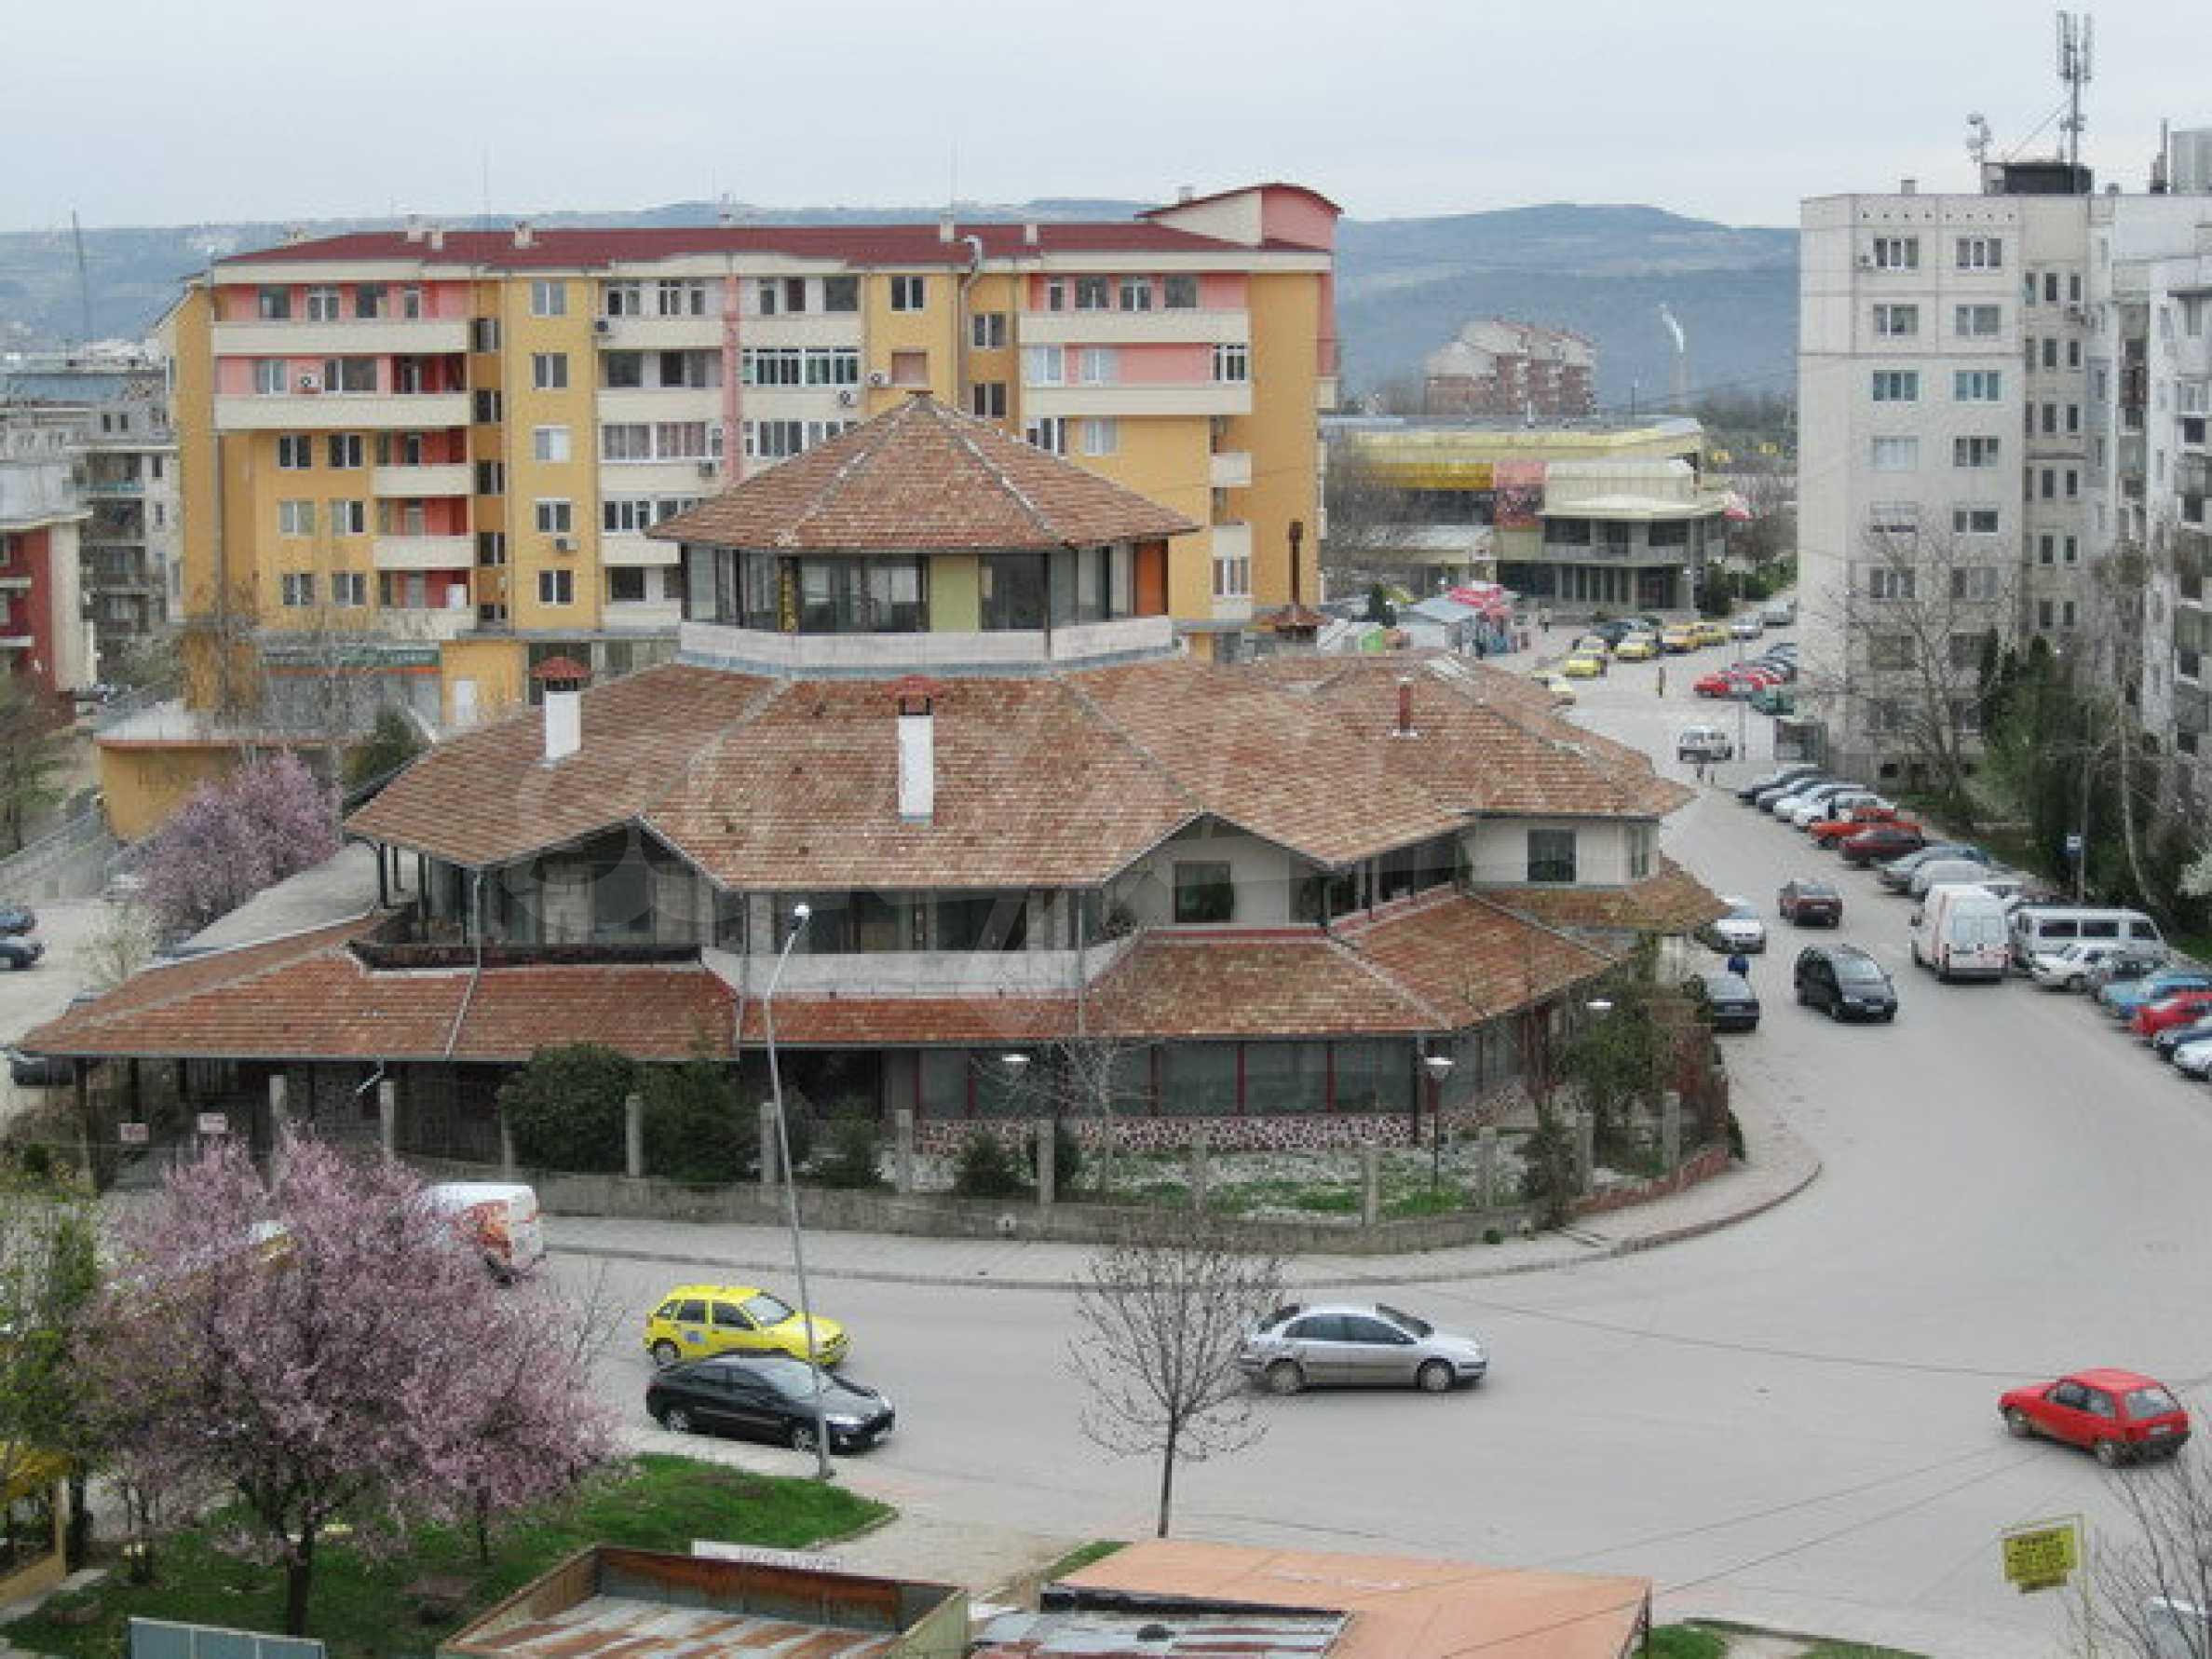 Здание, подходящее для разных видов бизнеса, расположенное в городе Велико Тырново 8